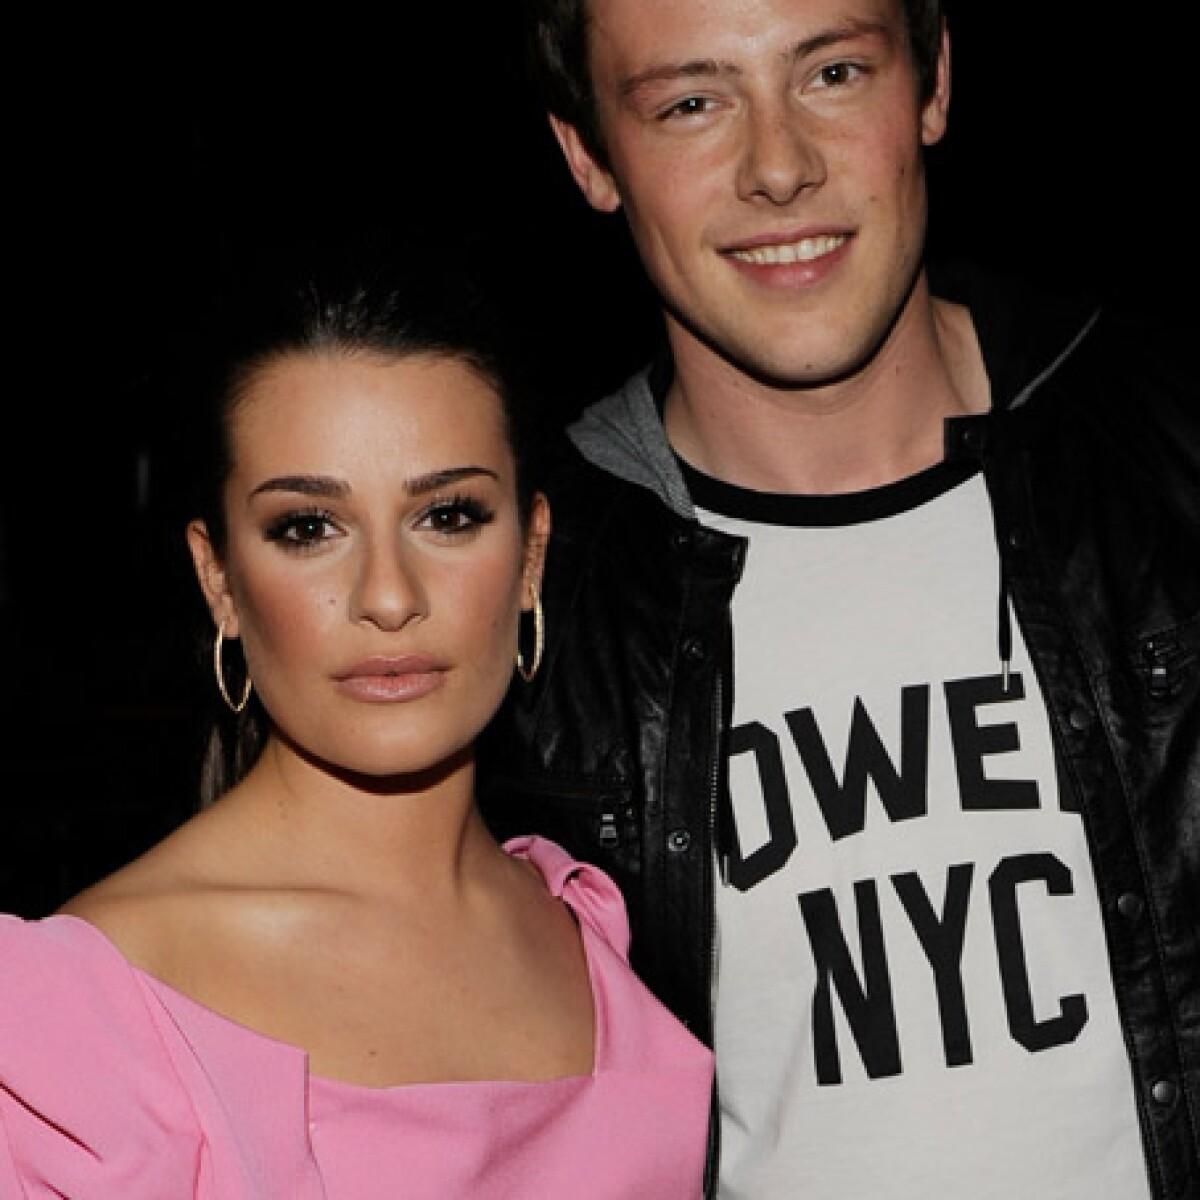 La historia de amor de Cory Monteith y Lea Michele